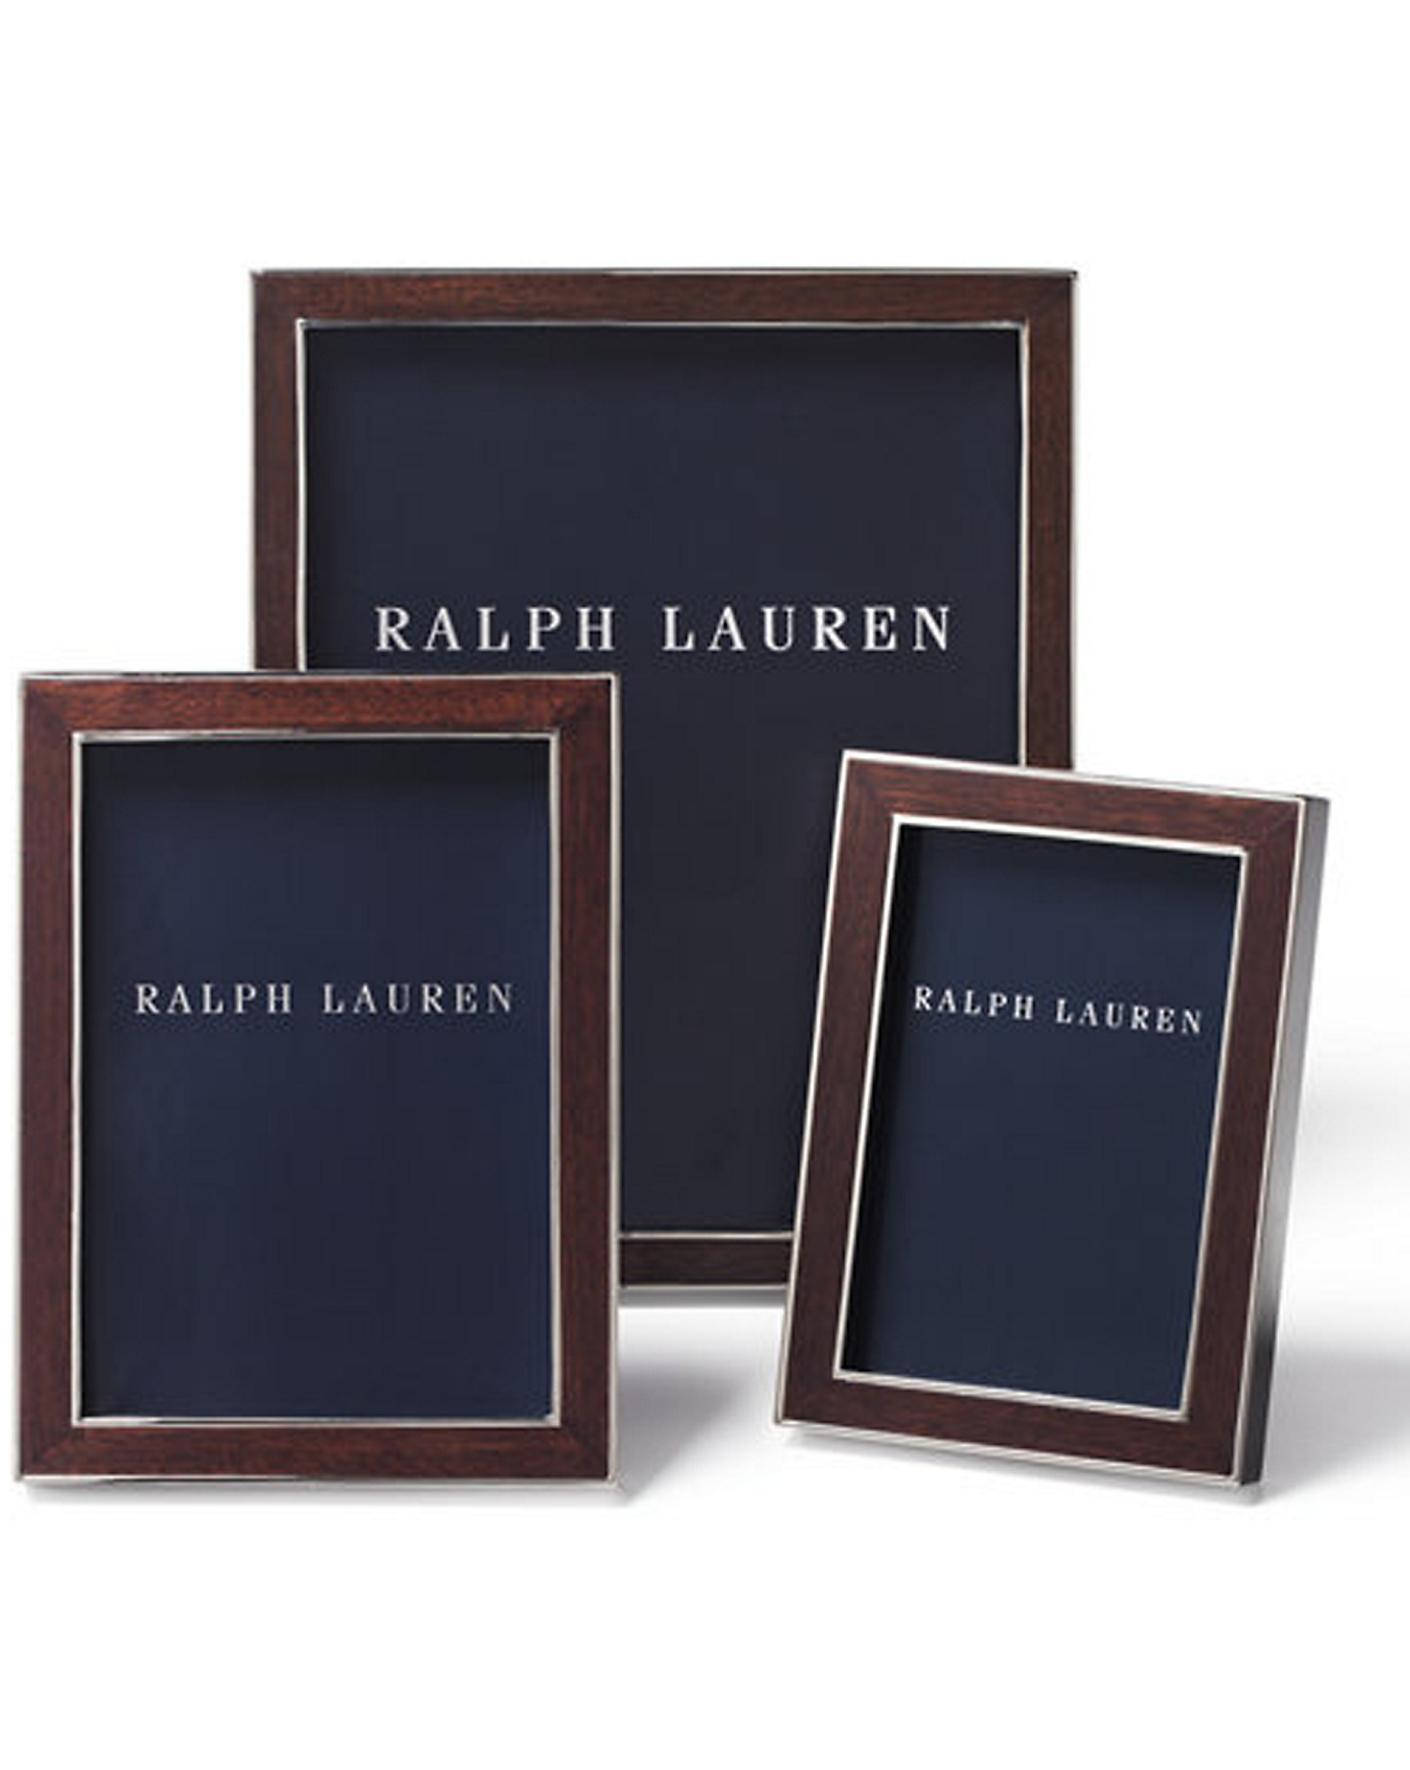 Aiden Frame   Ralph Lauren Home Frames   RalphLauren com. Frames   Silver Plated  amp  Leather   Ralph Lauren Home